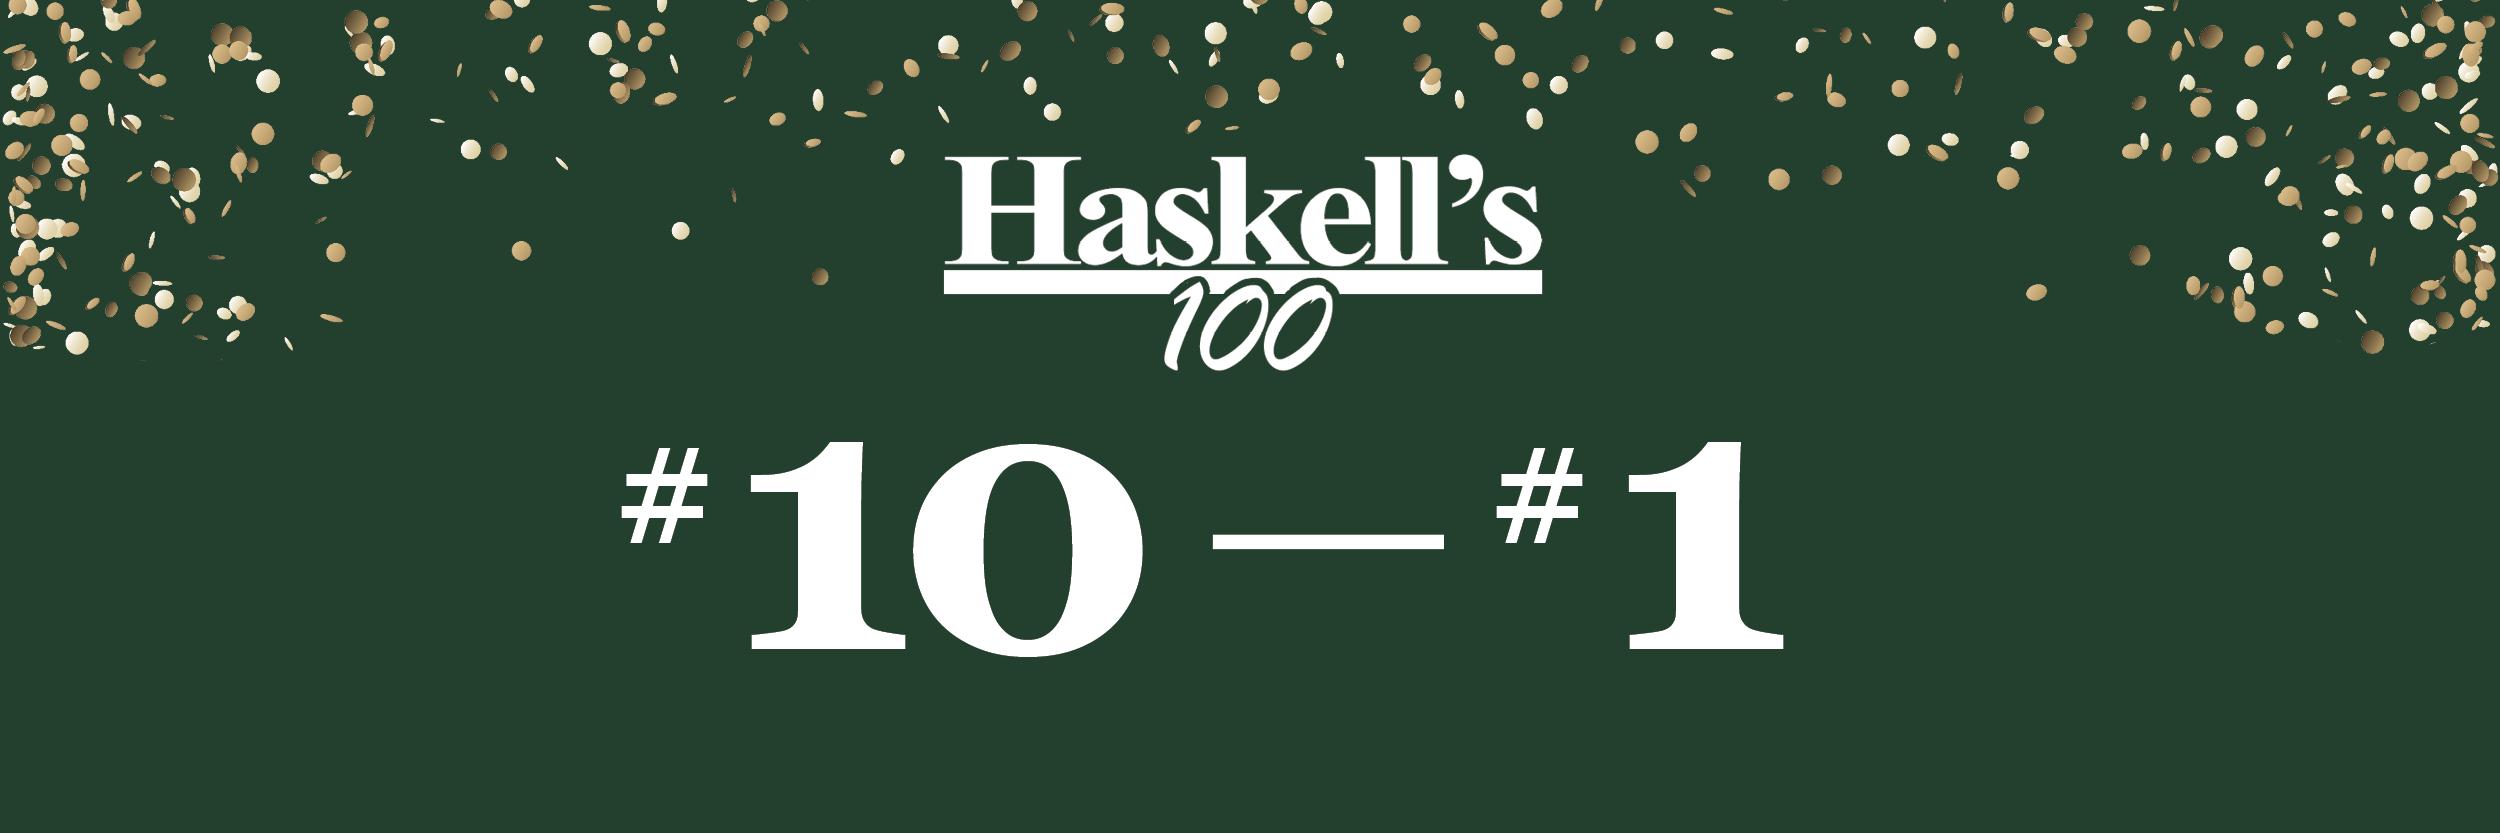 Haskells 100 LP banner_3